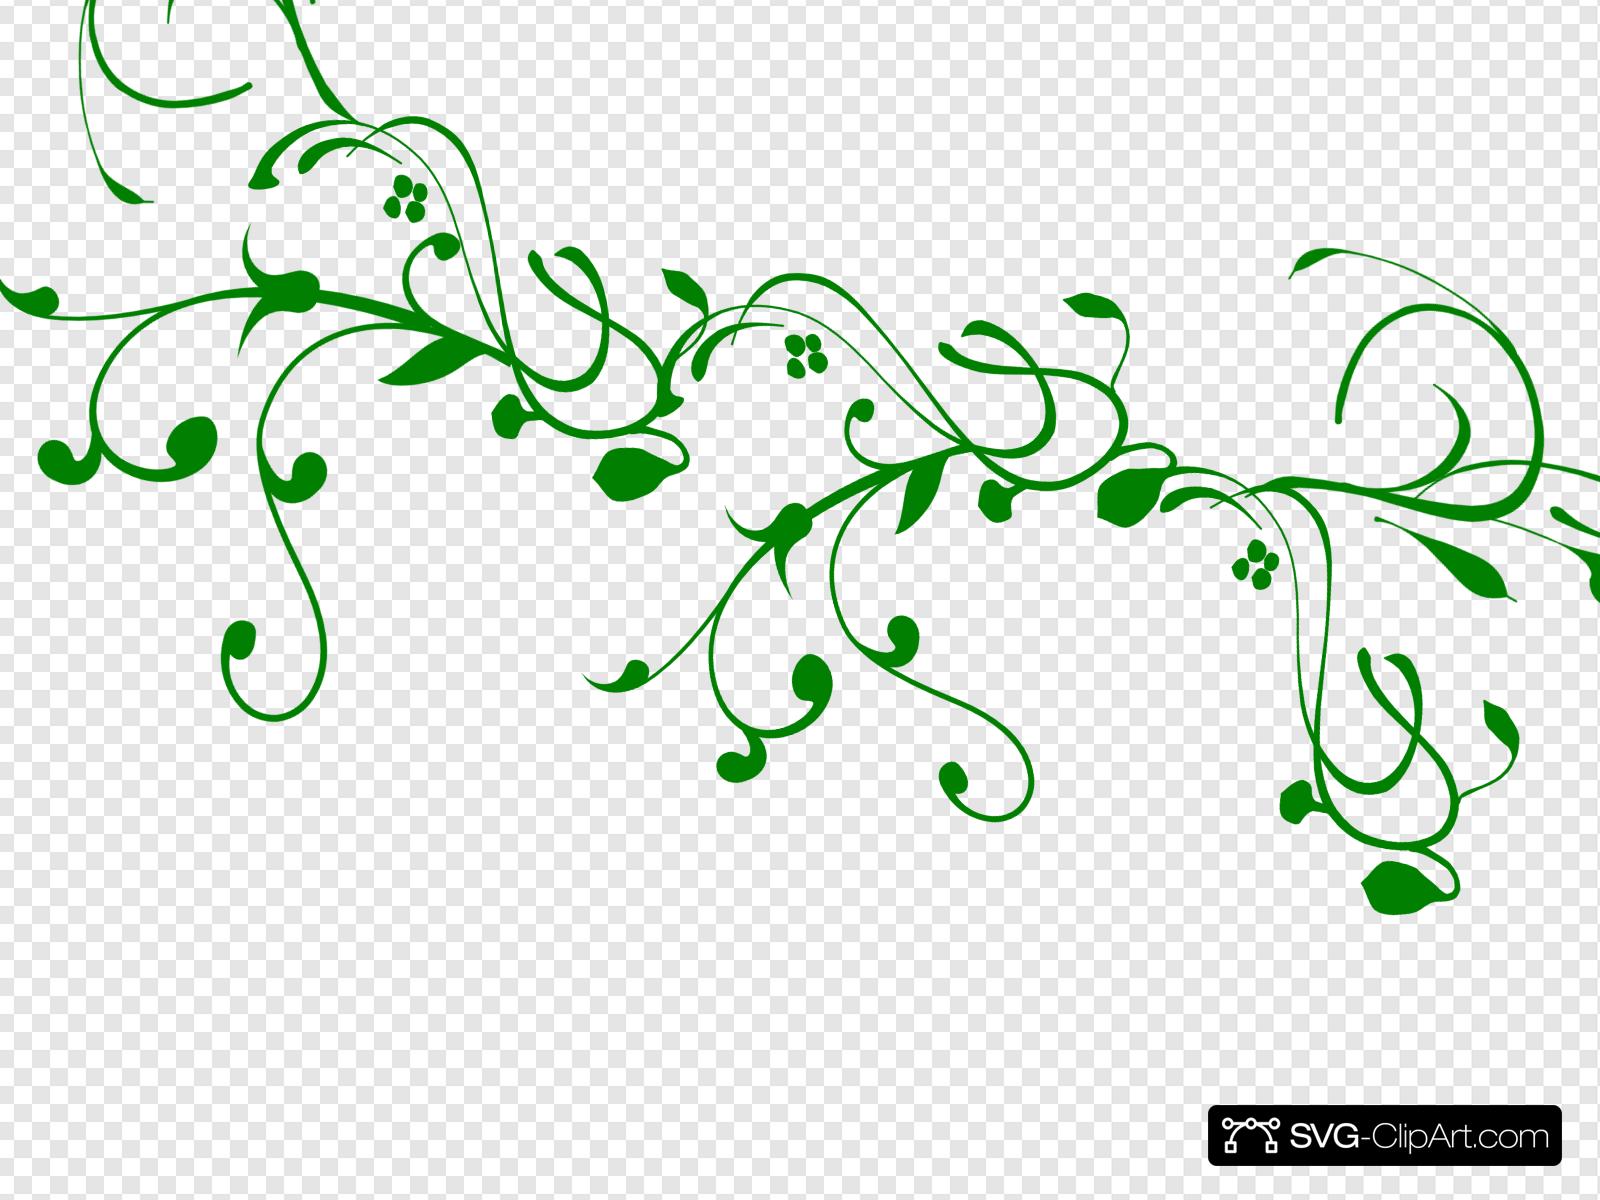 Green Vine Clip art, Icon and SVG.